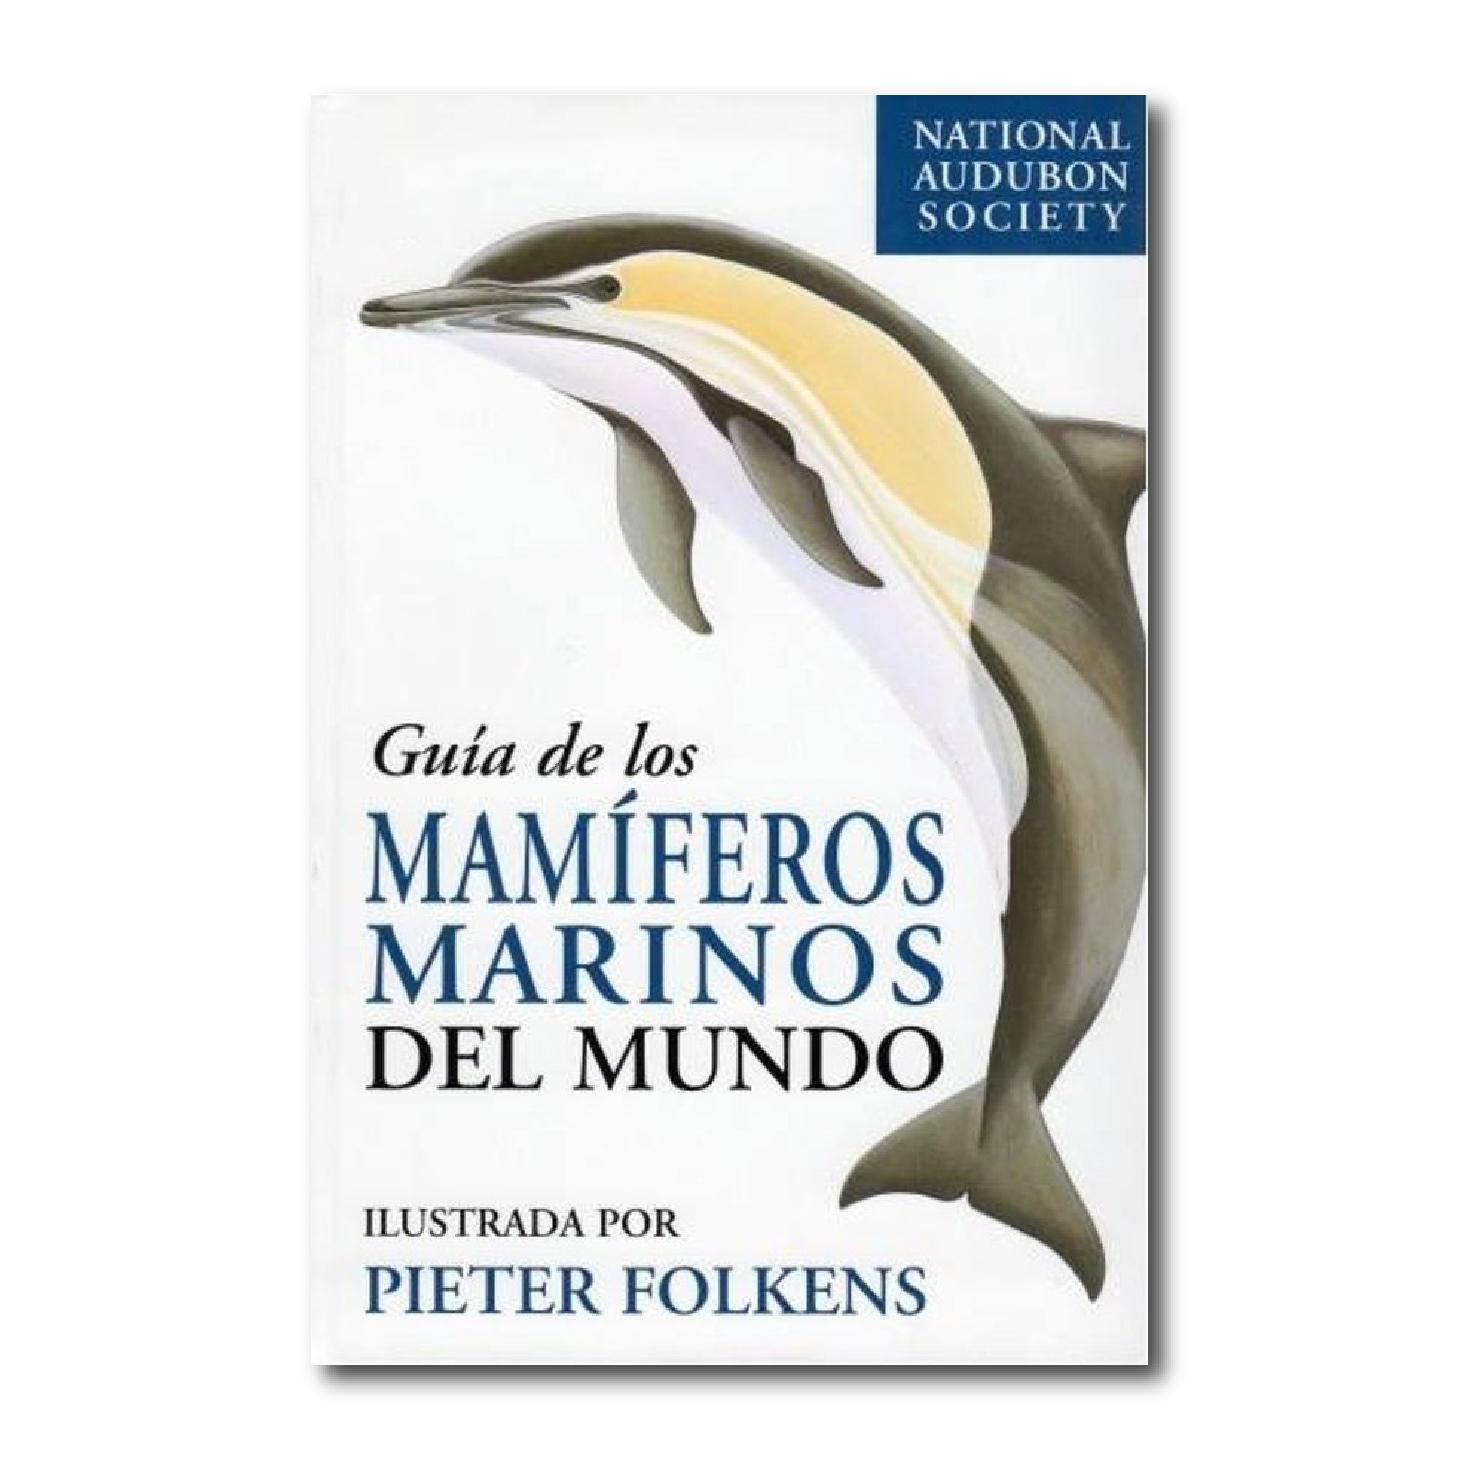 Mamíferos marinos del Mundo